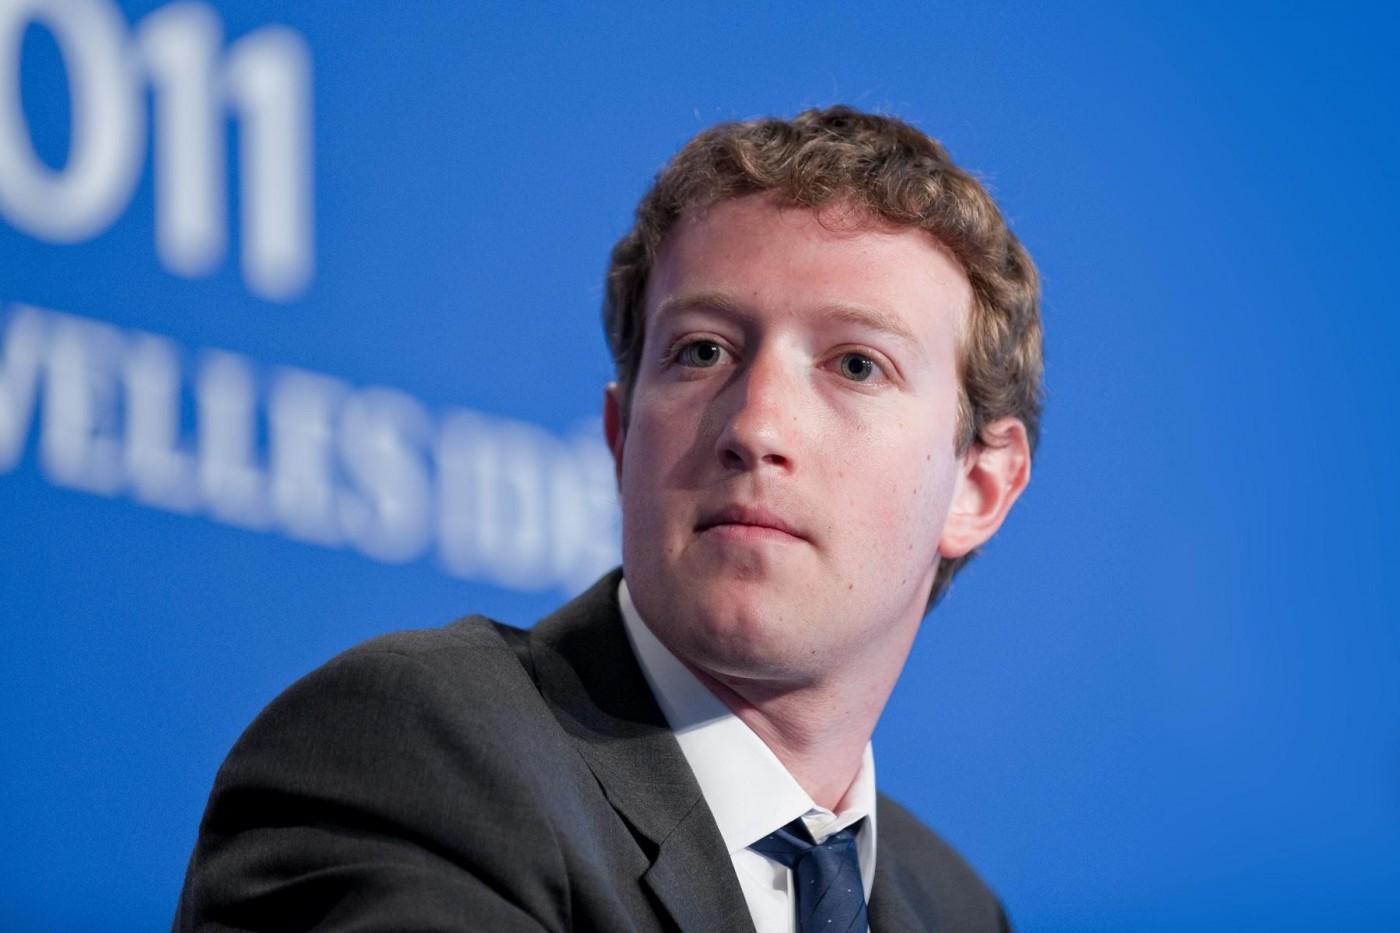 「10年挑戰」紅遍社群,遭疑收集臉部辨識?Facebook說話了